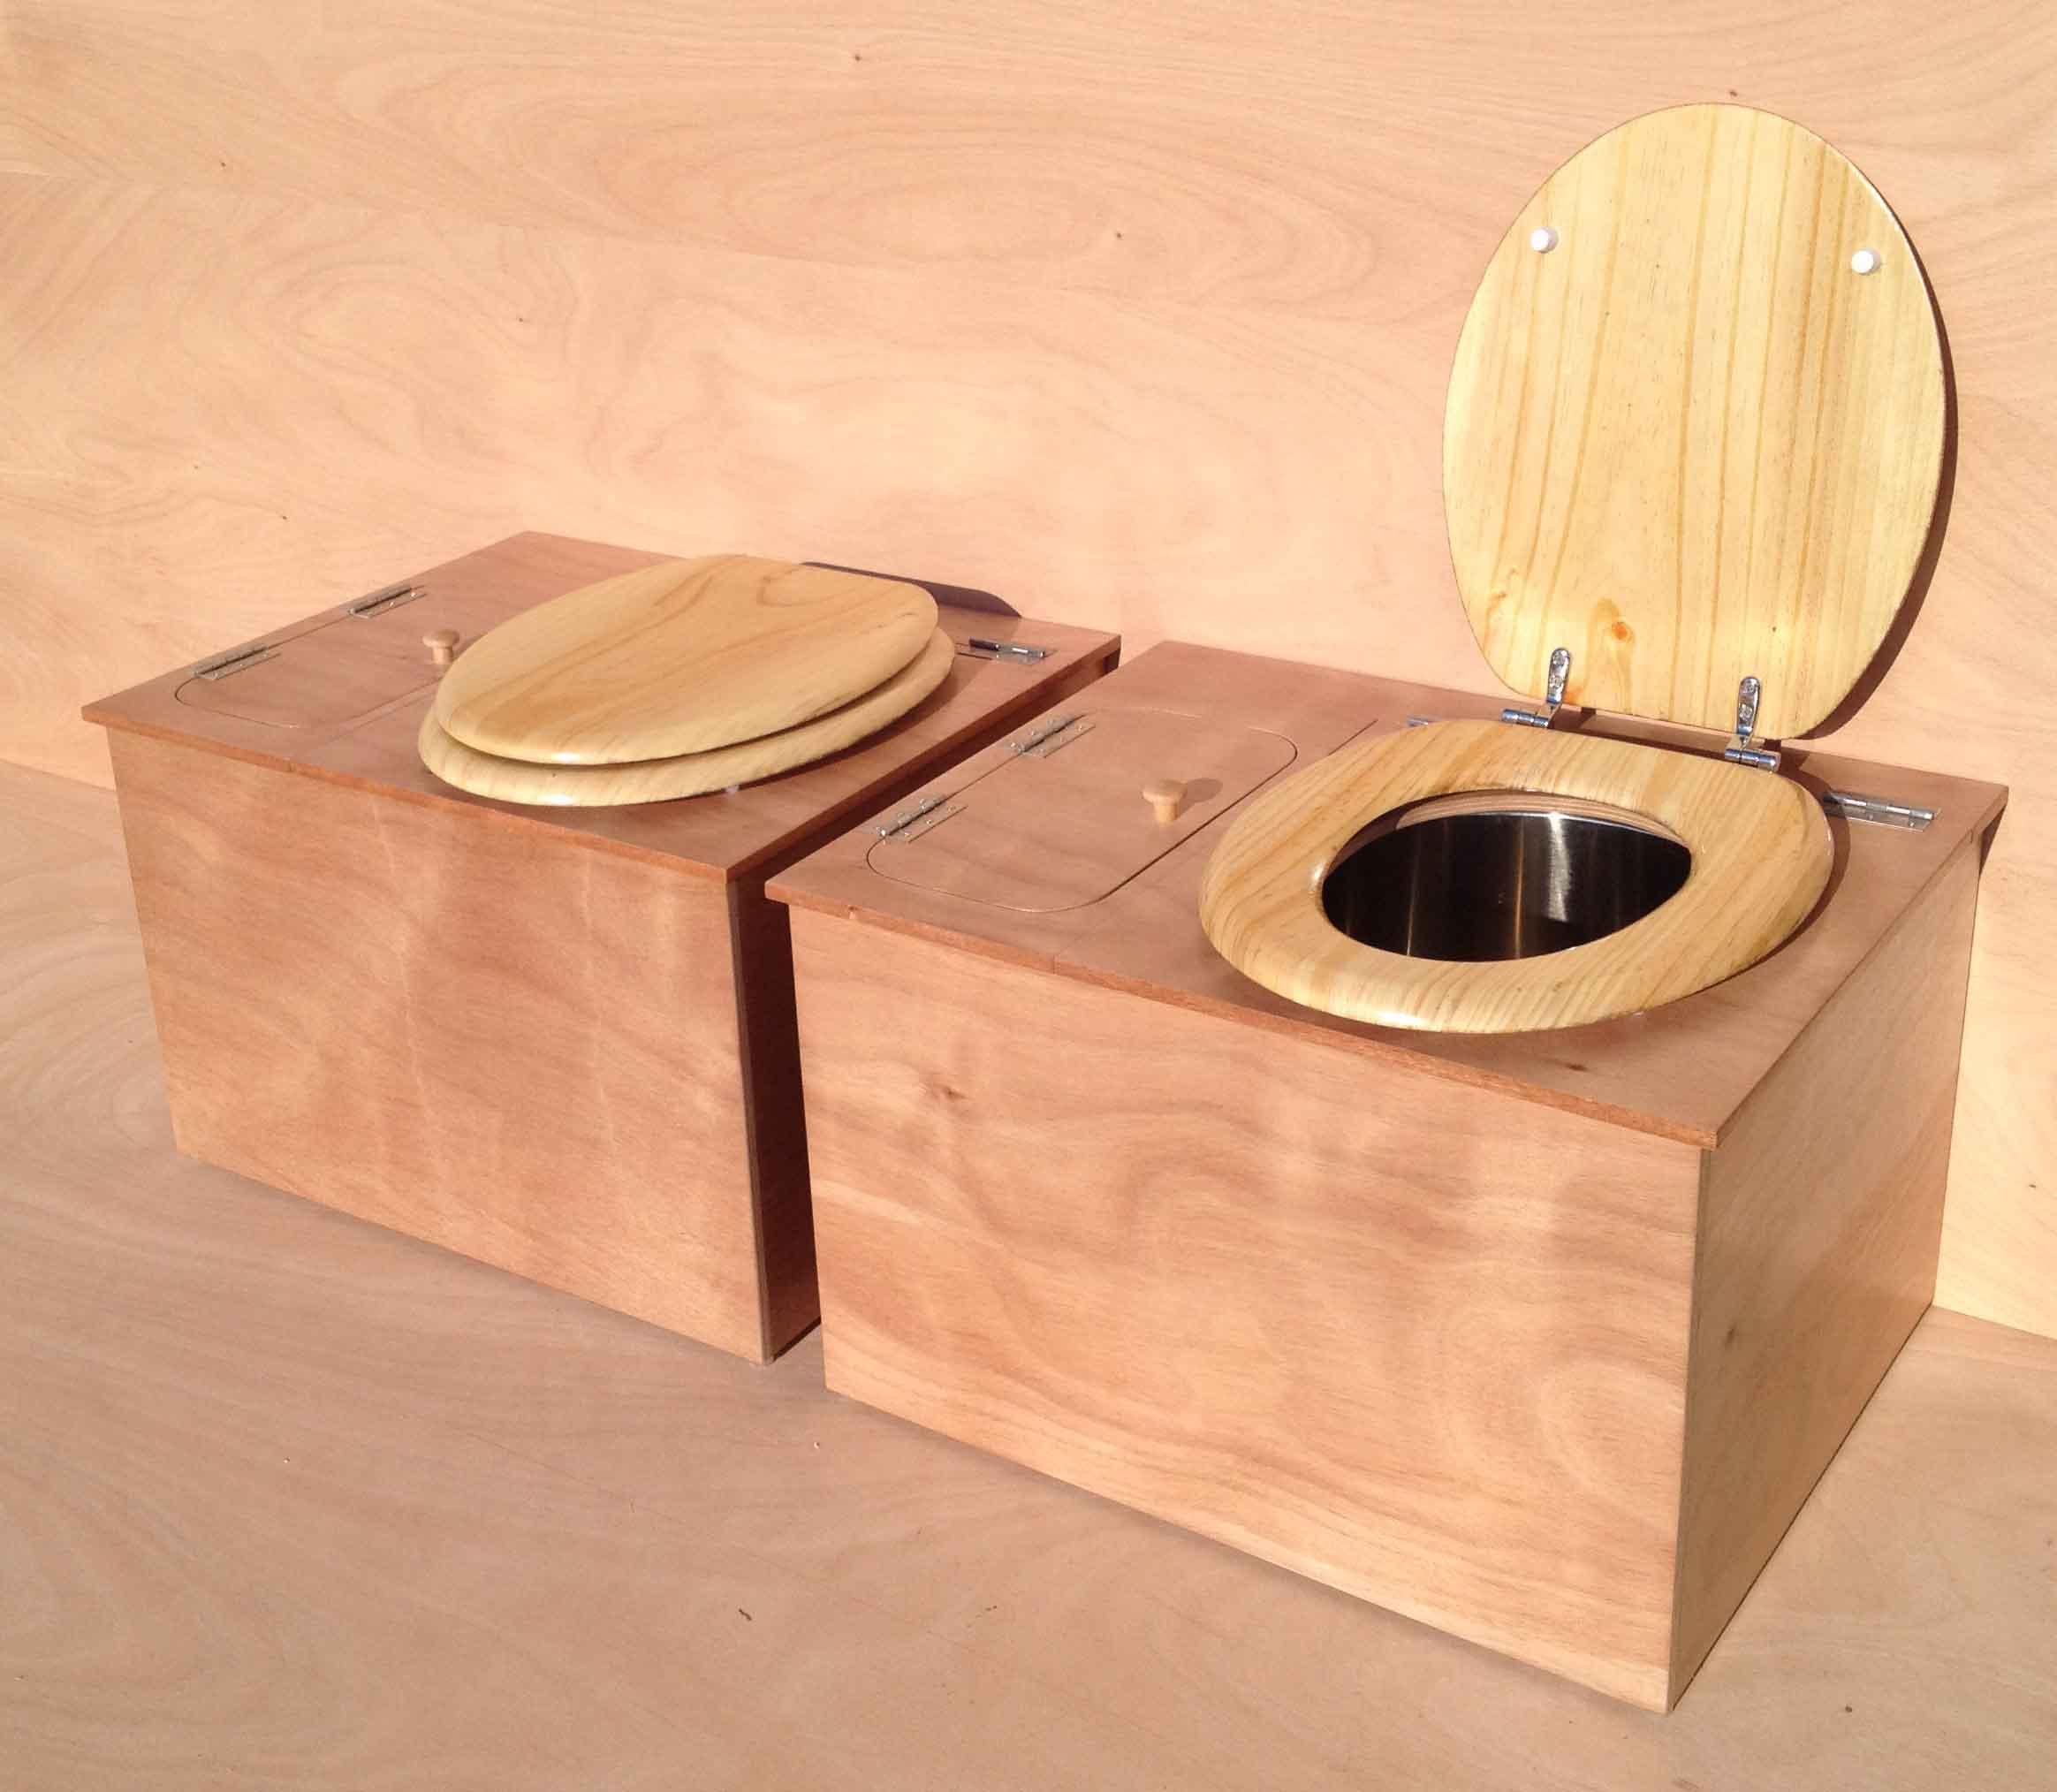 Toilette Seche Exterieur | Fabulous Toilettes concernant Toilette Seche Interieur